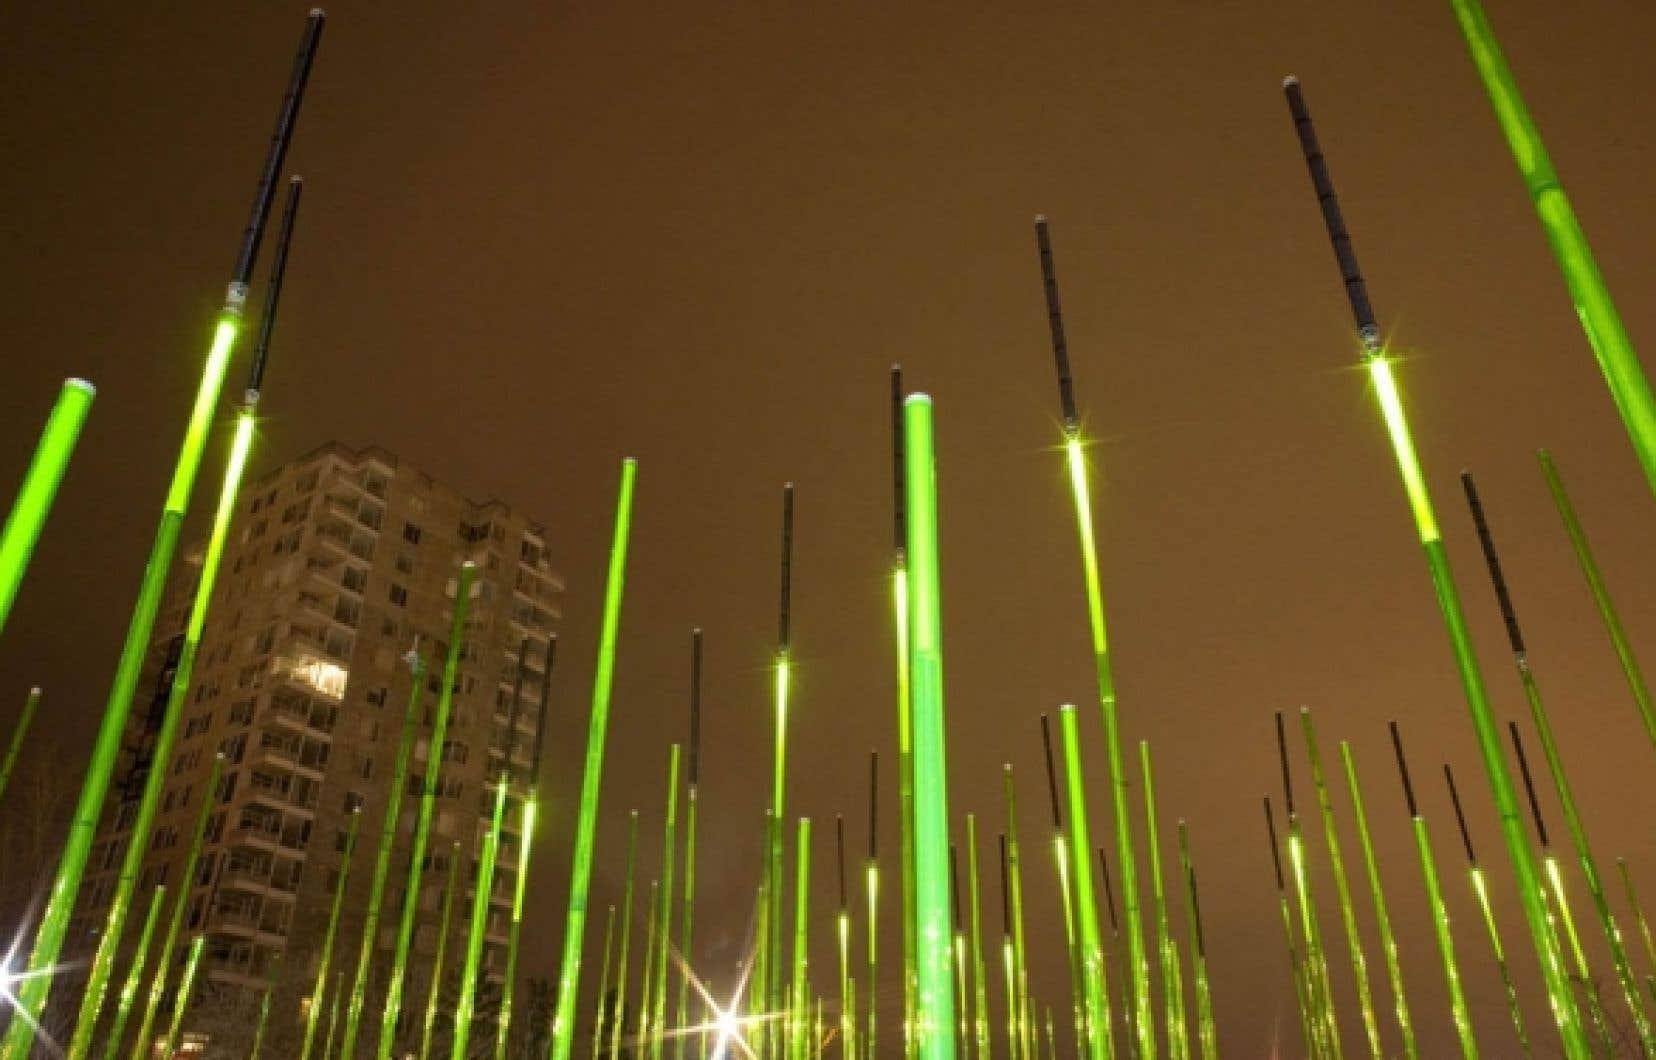 Le jardin de tiges vert lime qui réagit à la lumière et à la température a été créé par l'atelier in Situ en collaboration avec Vlan paysages.<br />